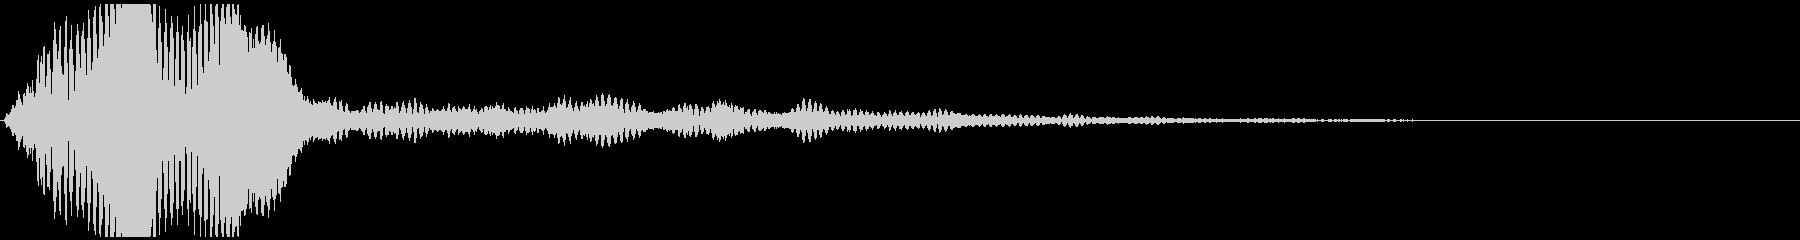 「ぴょっ」(注意喚起・場面切替など)の未再生の波形